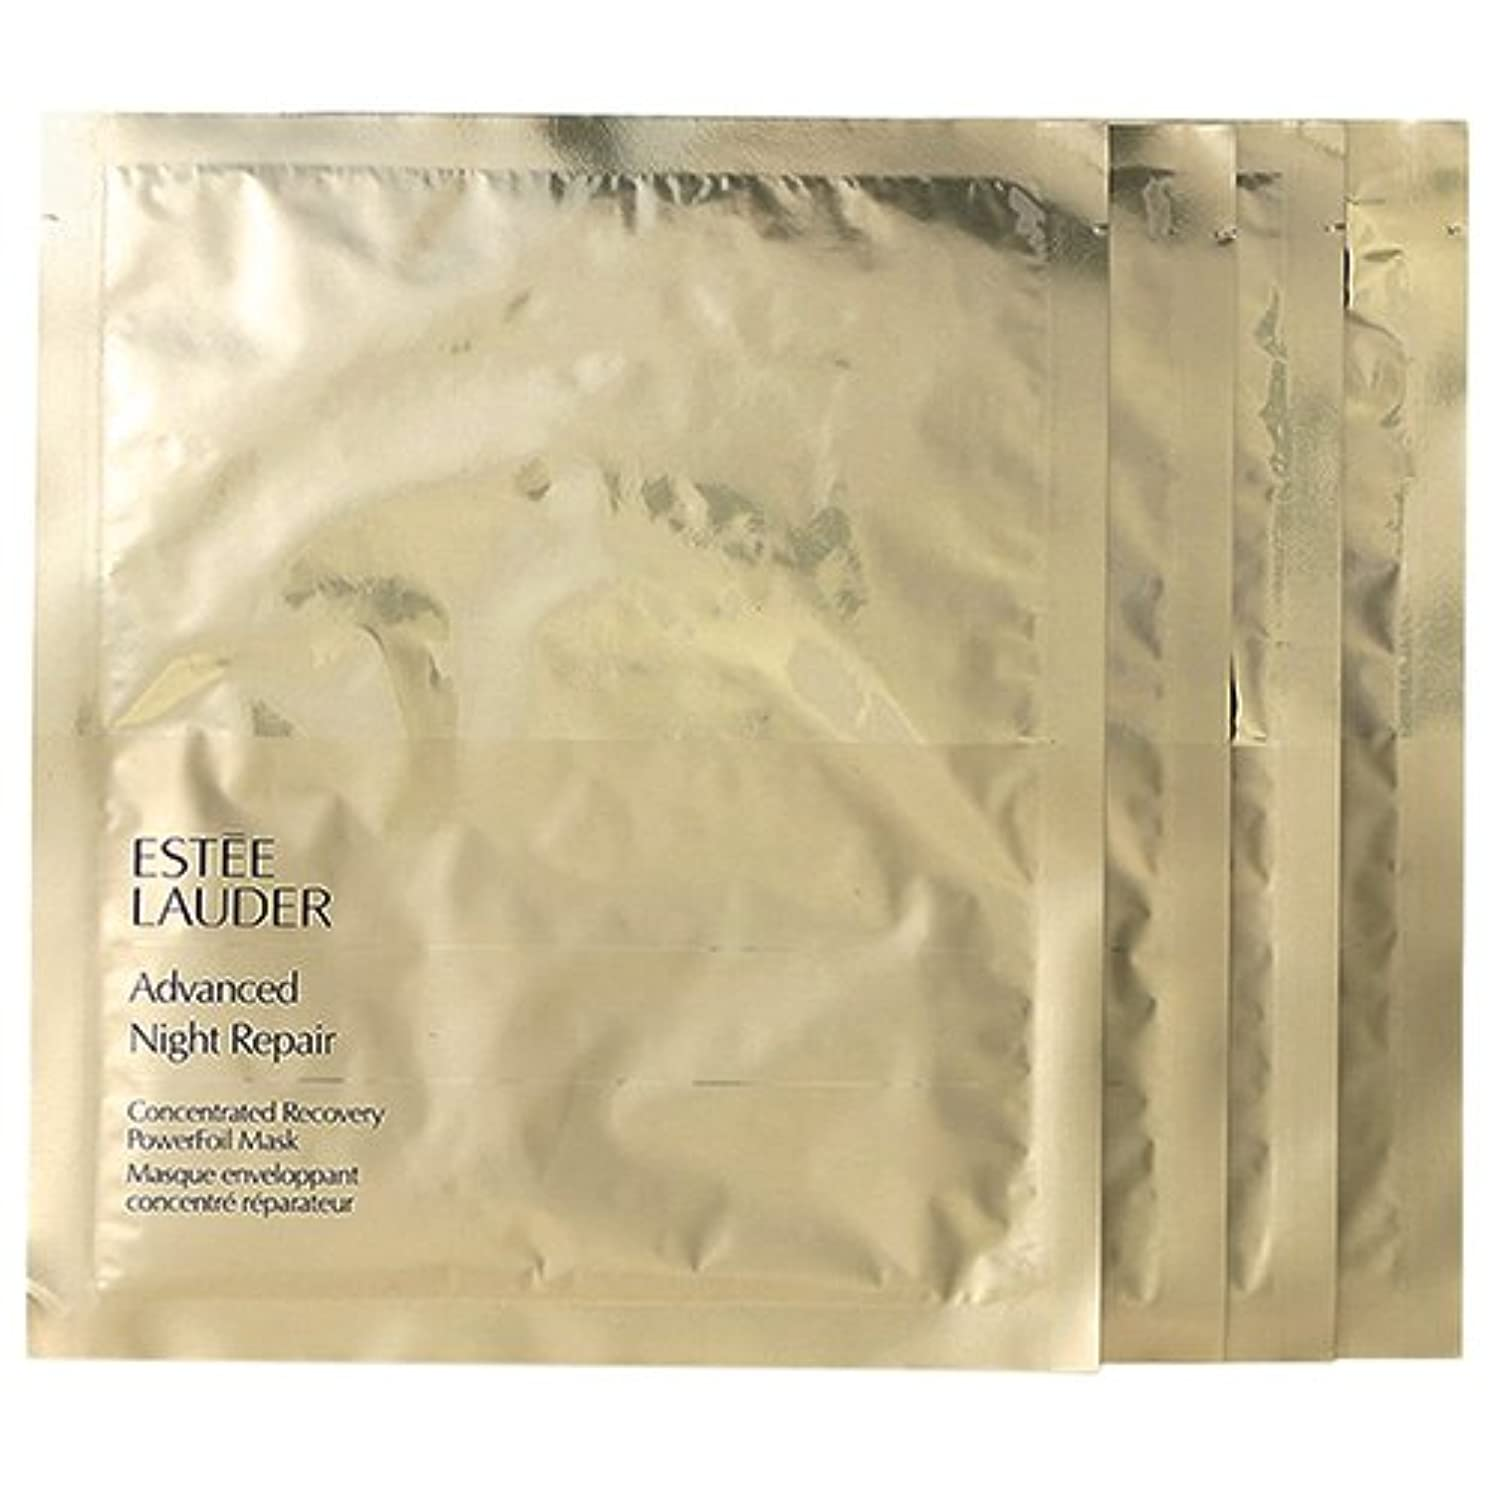 単なるリンス飽和するエスティローダー(ESTEE LAUDER) アドバンス ナイト リペア パワーフォイル マスク 4枚入り[並行輸入品]